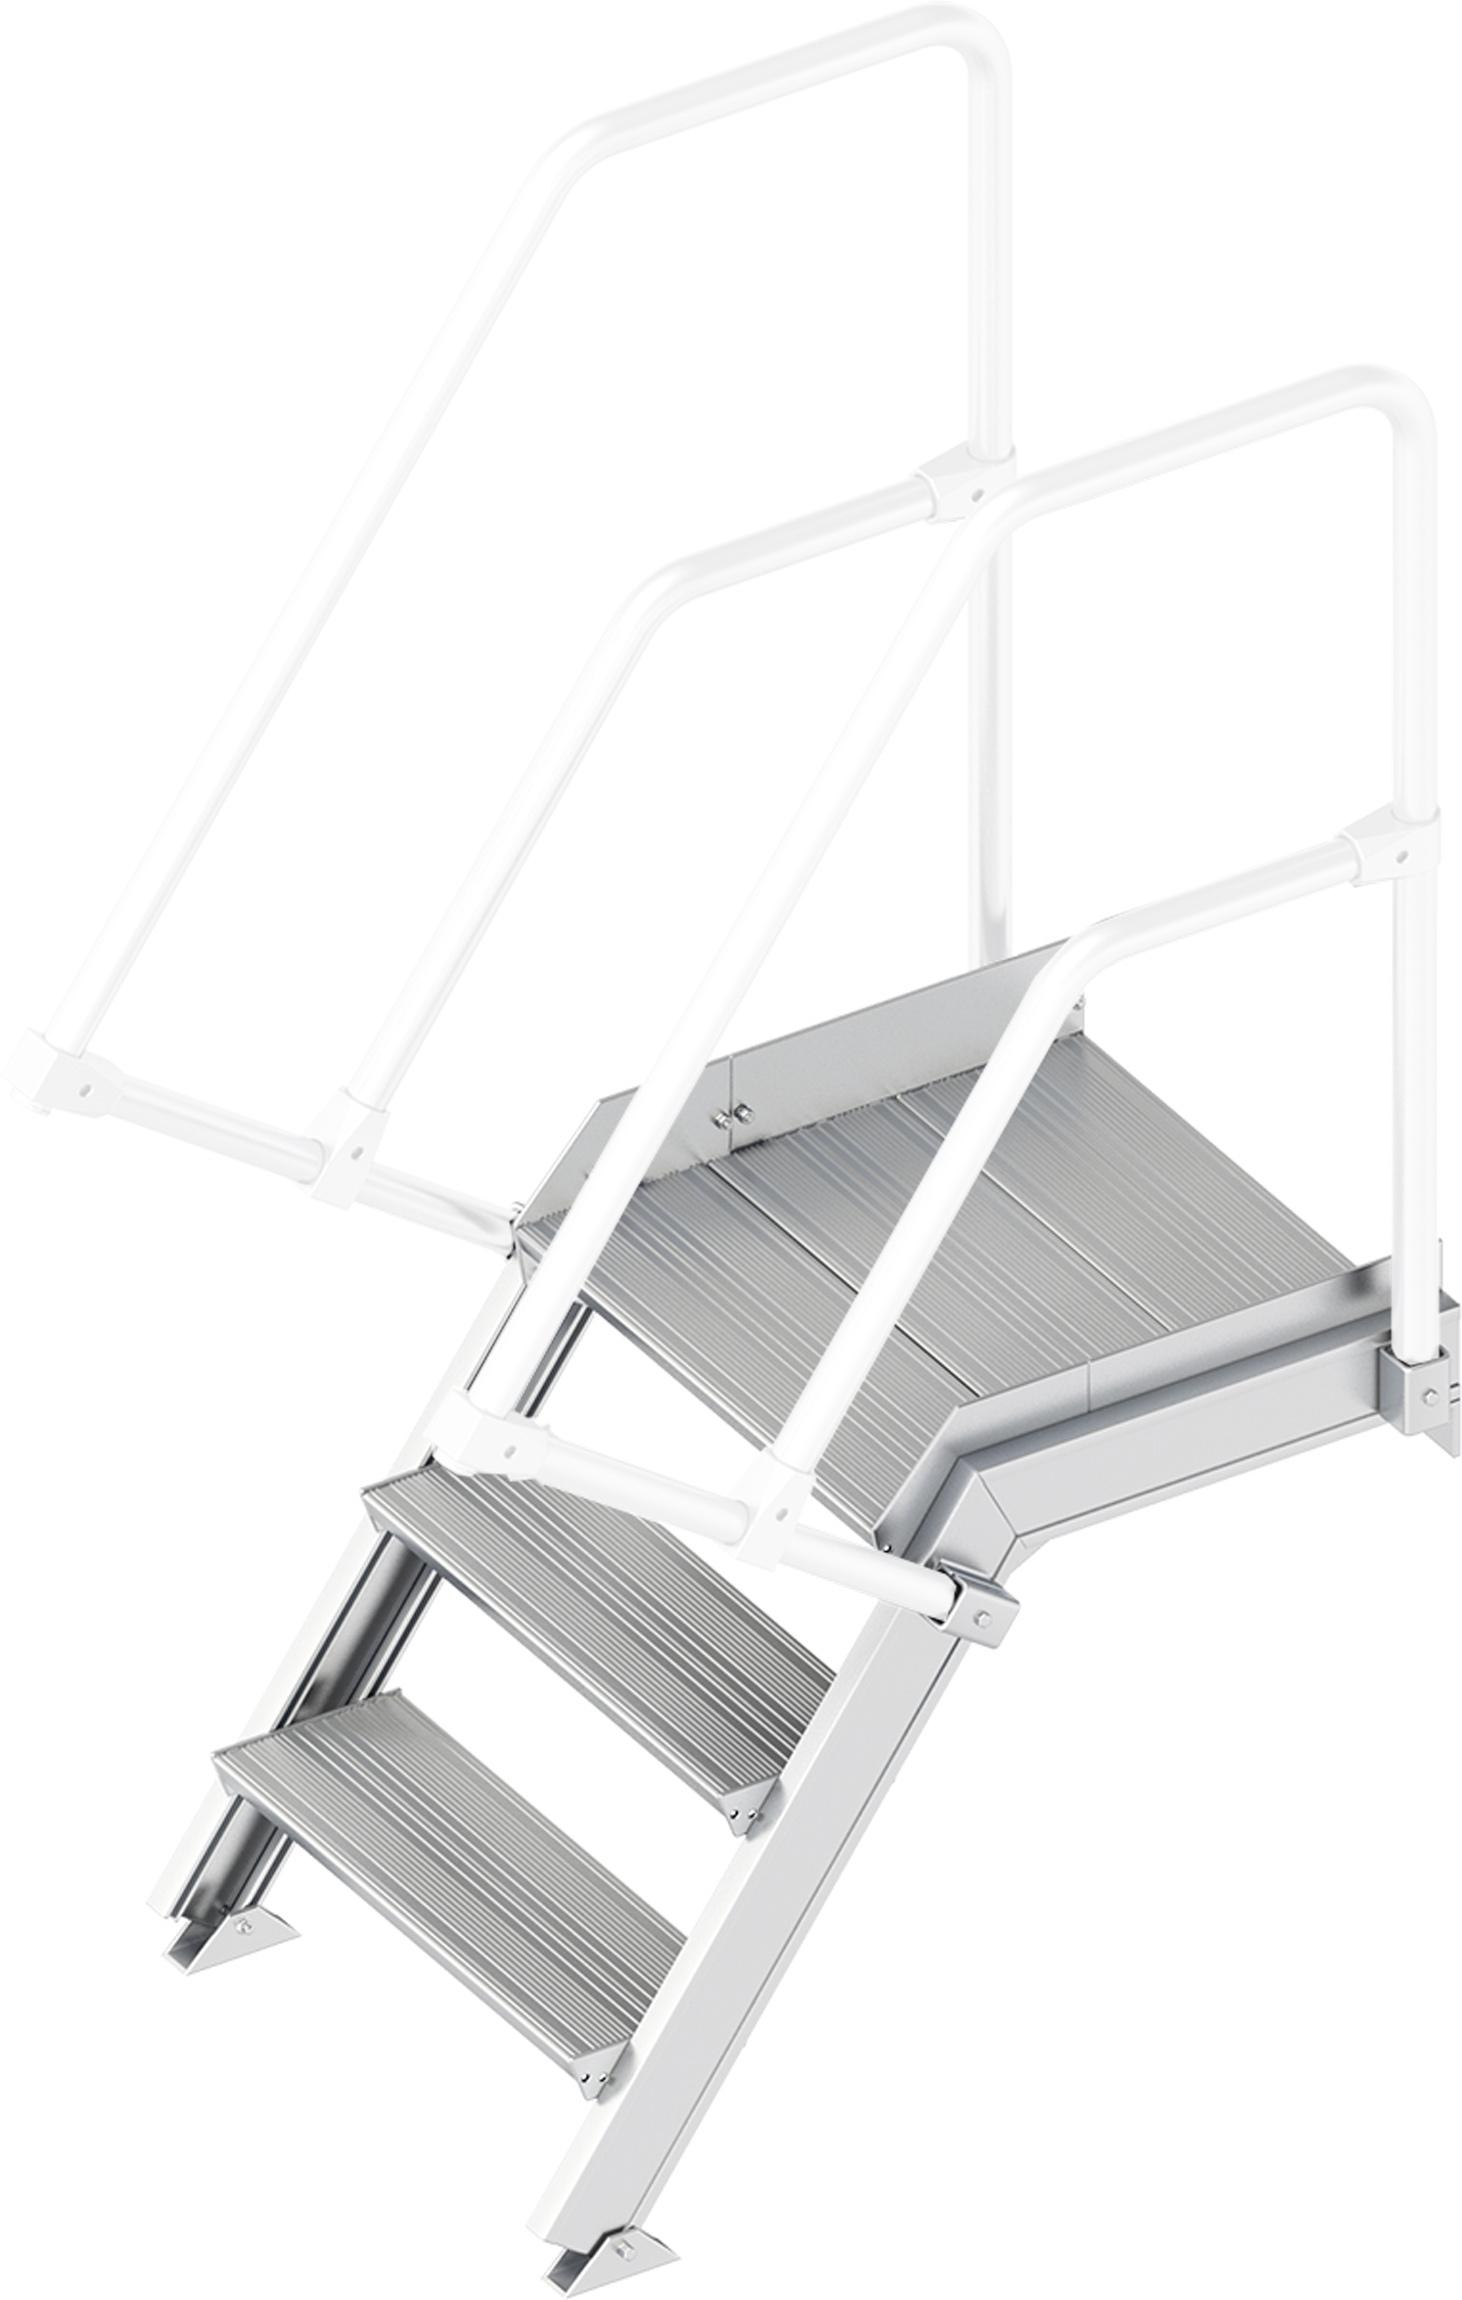 Layher Plattformtreppe 55° 3 Stufen - 600 mm breit